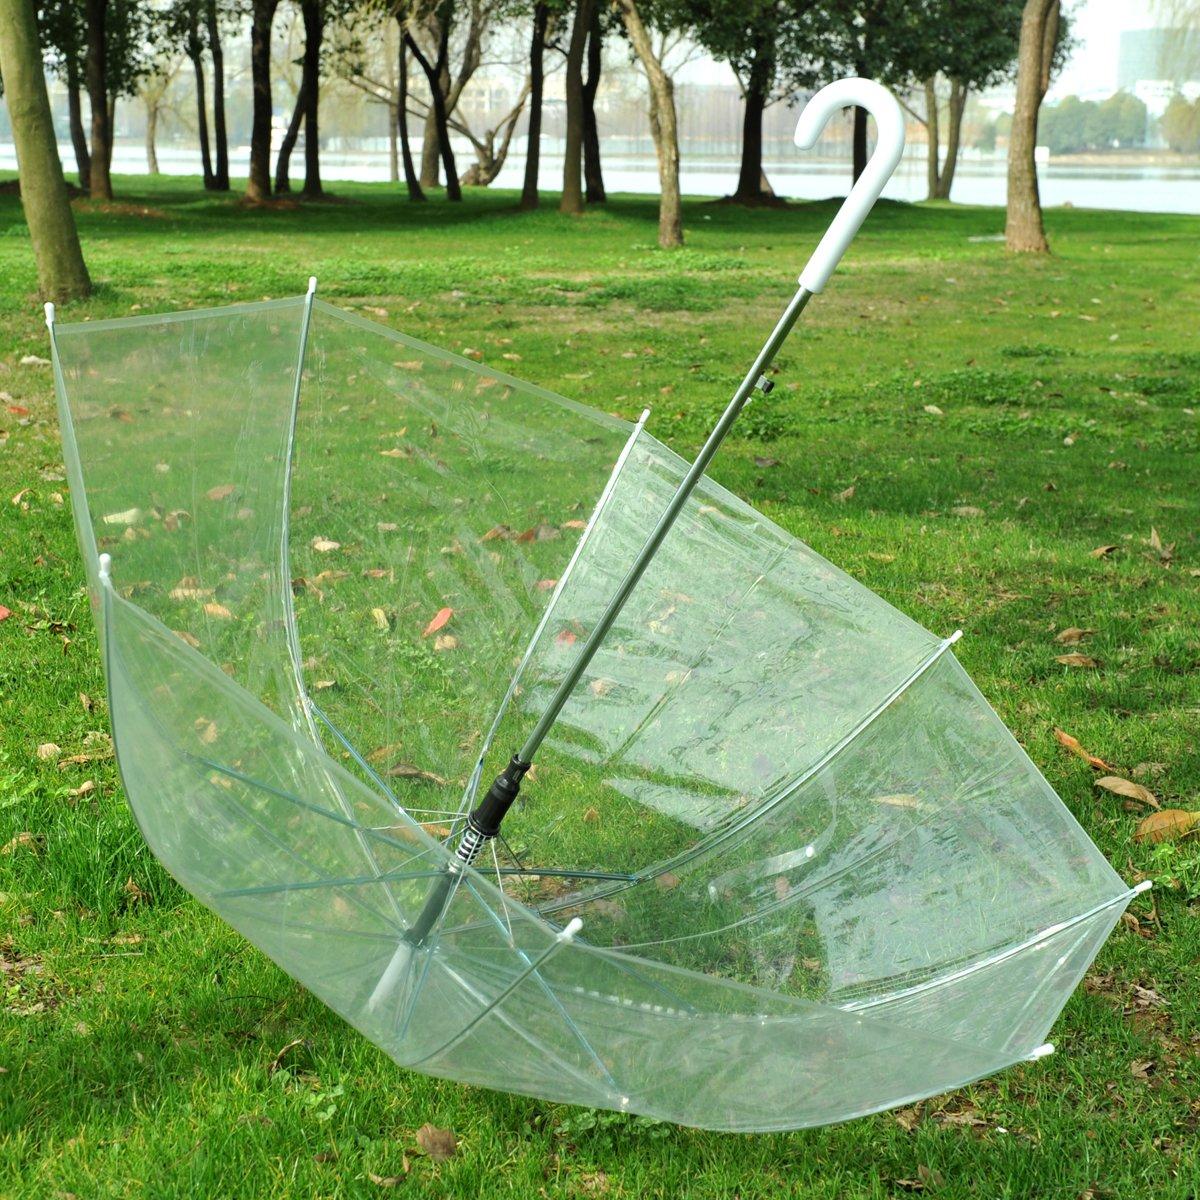 Topwedding Remedios Transparente Burbuja Transparente cúpula de Apertura automática Lluvia Paraguas decoración: Amazon.es: Jardín